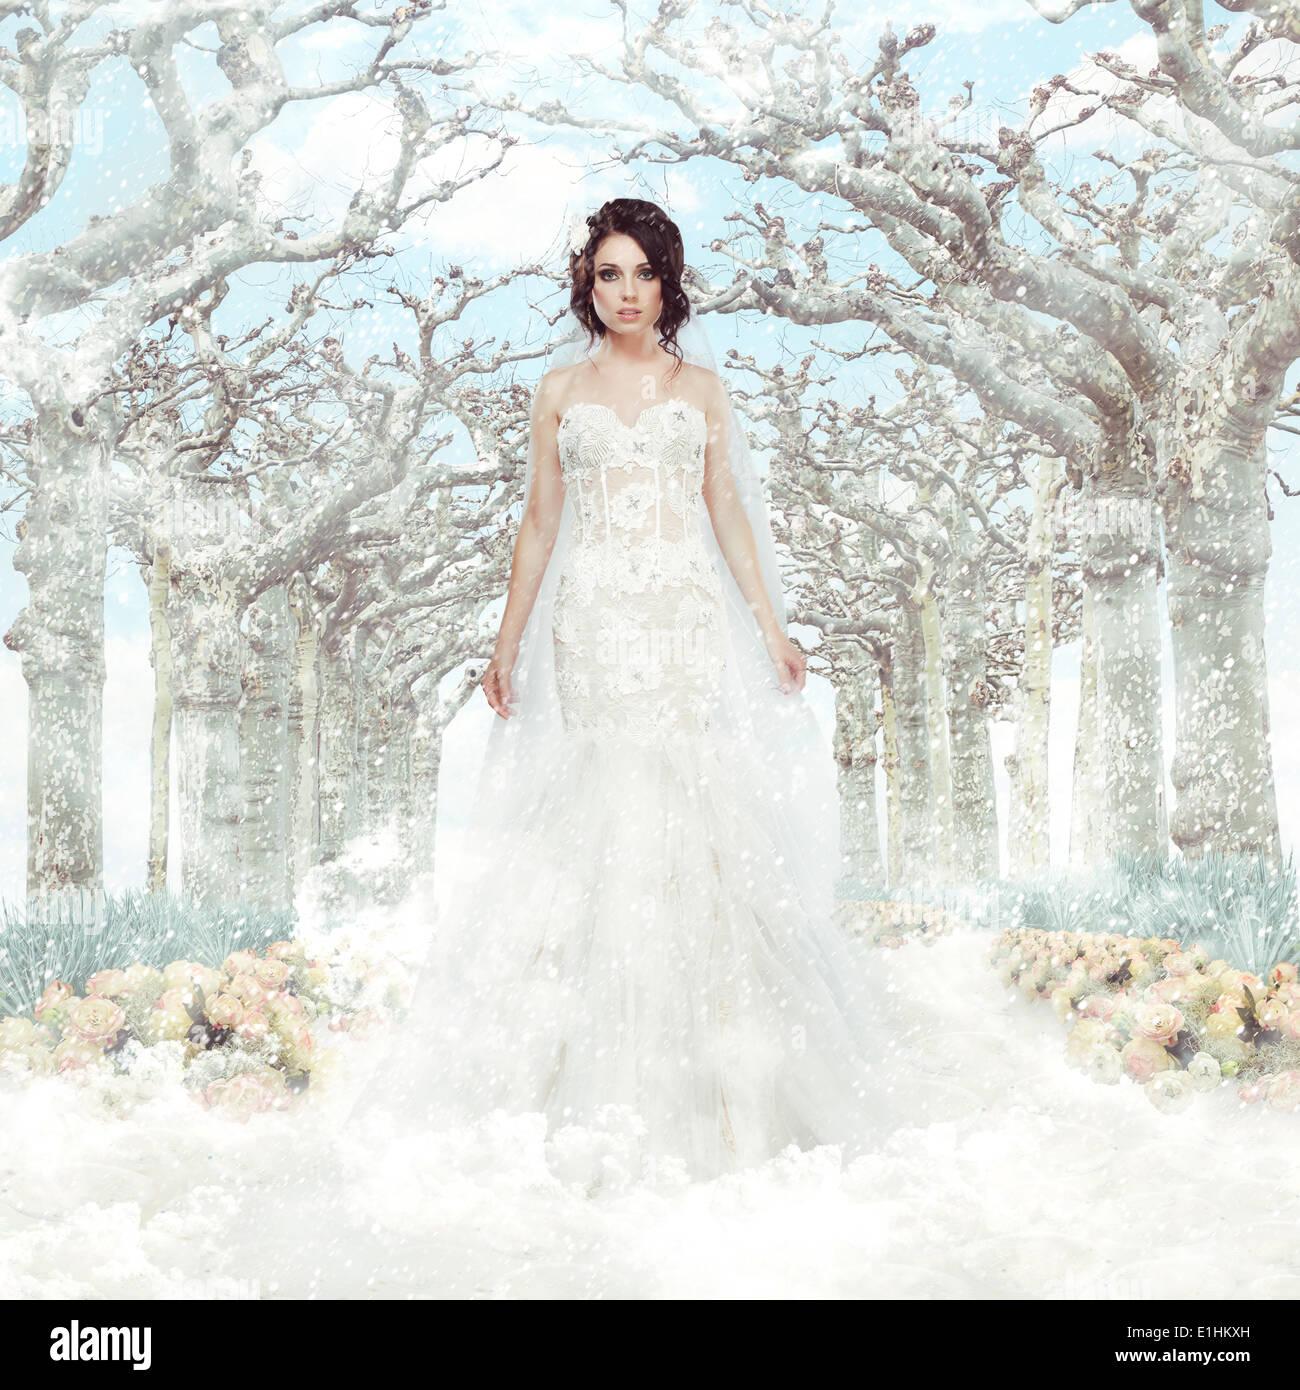 Fantasie. Ehe. Braut im weißen Kleid über gefrorene Winterbäume und Schneeflocken Stockbild